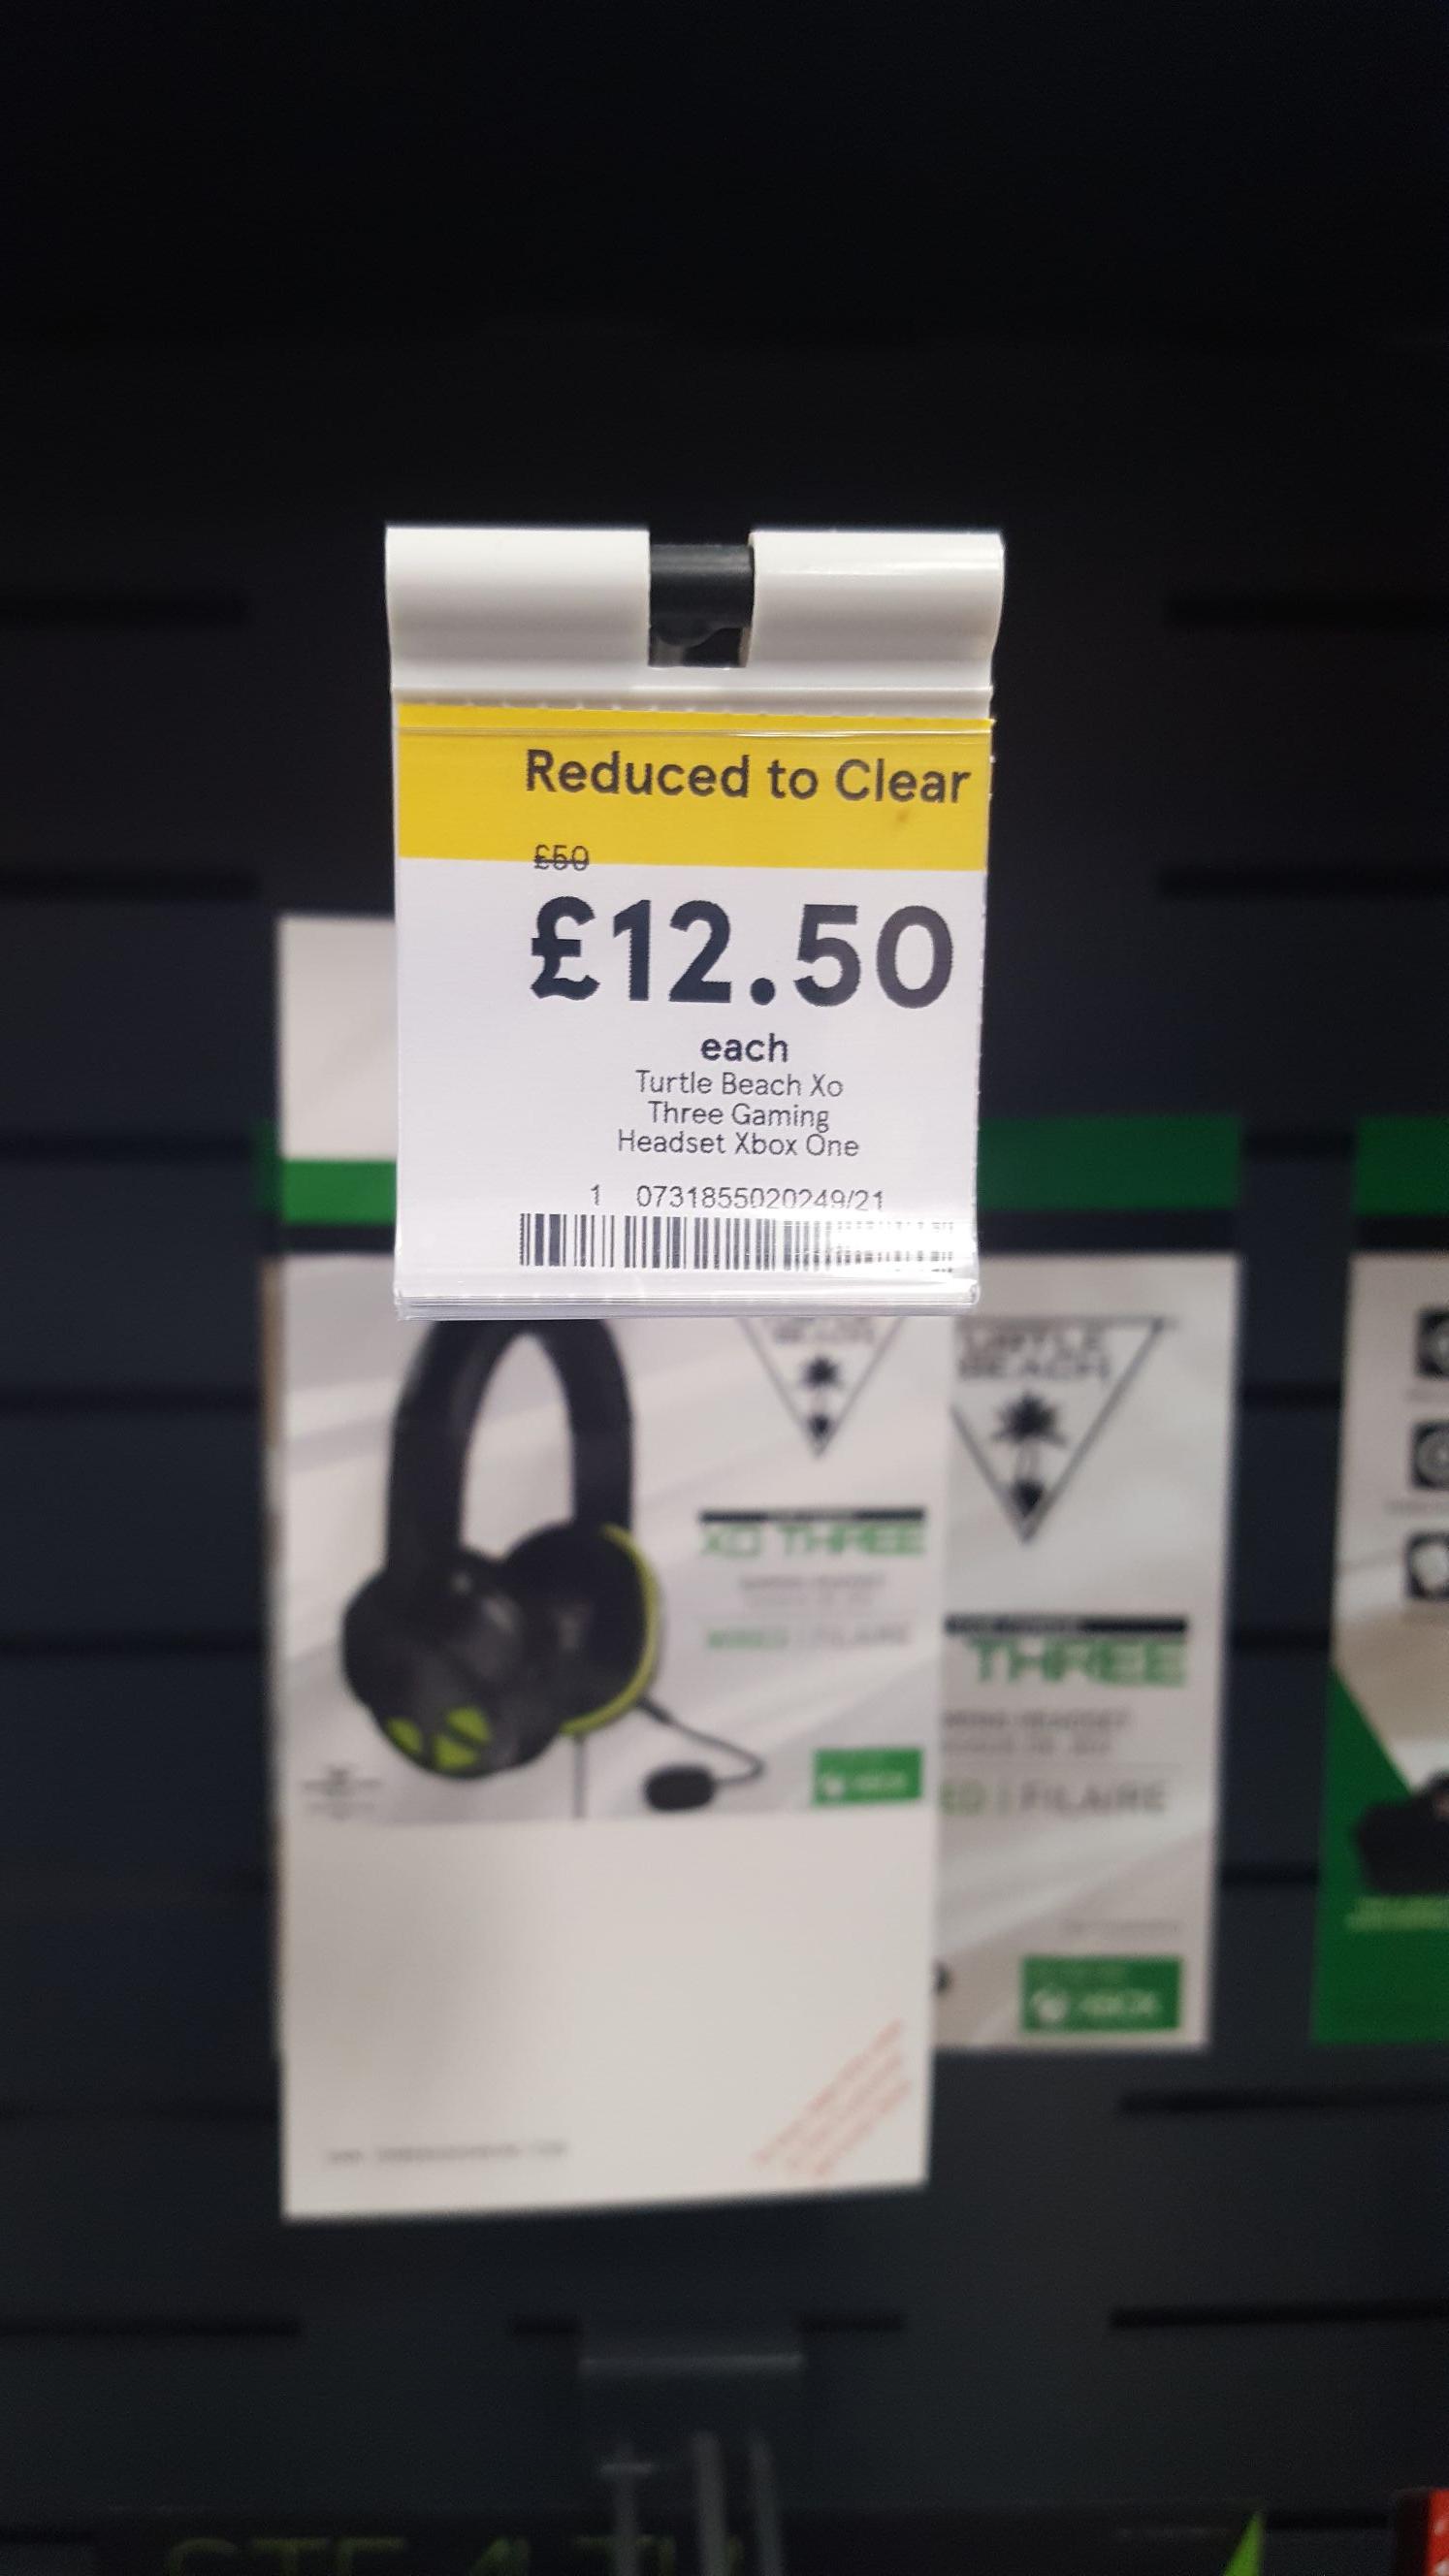 Turtle beach headset. Tesco Cheetham hill £12.50